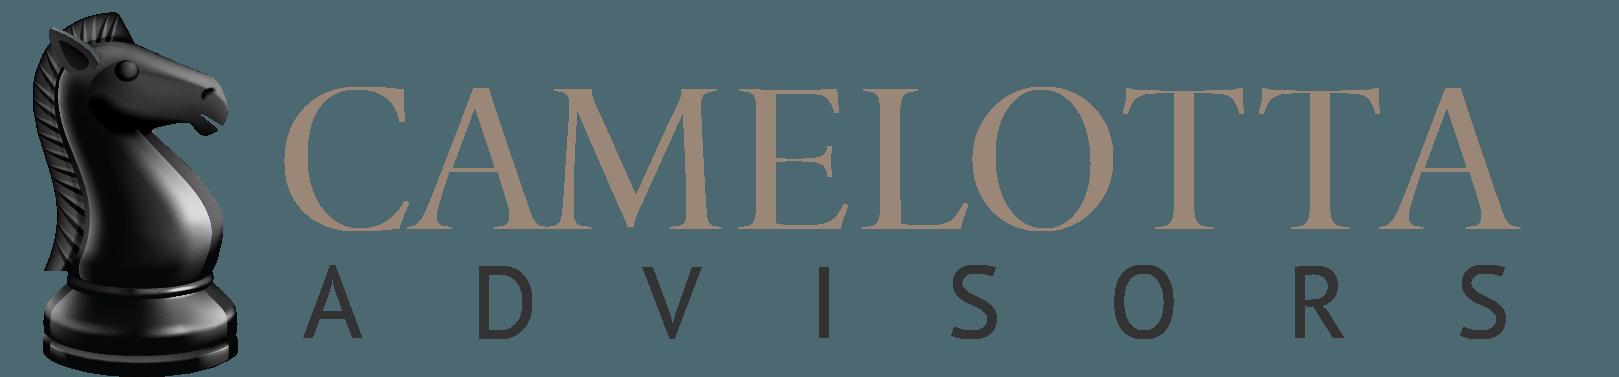 Camelotta Advisors